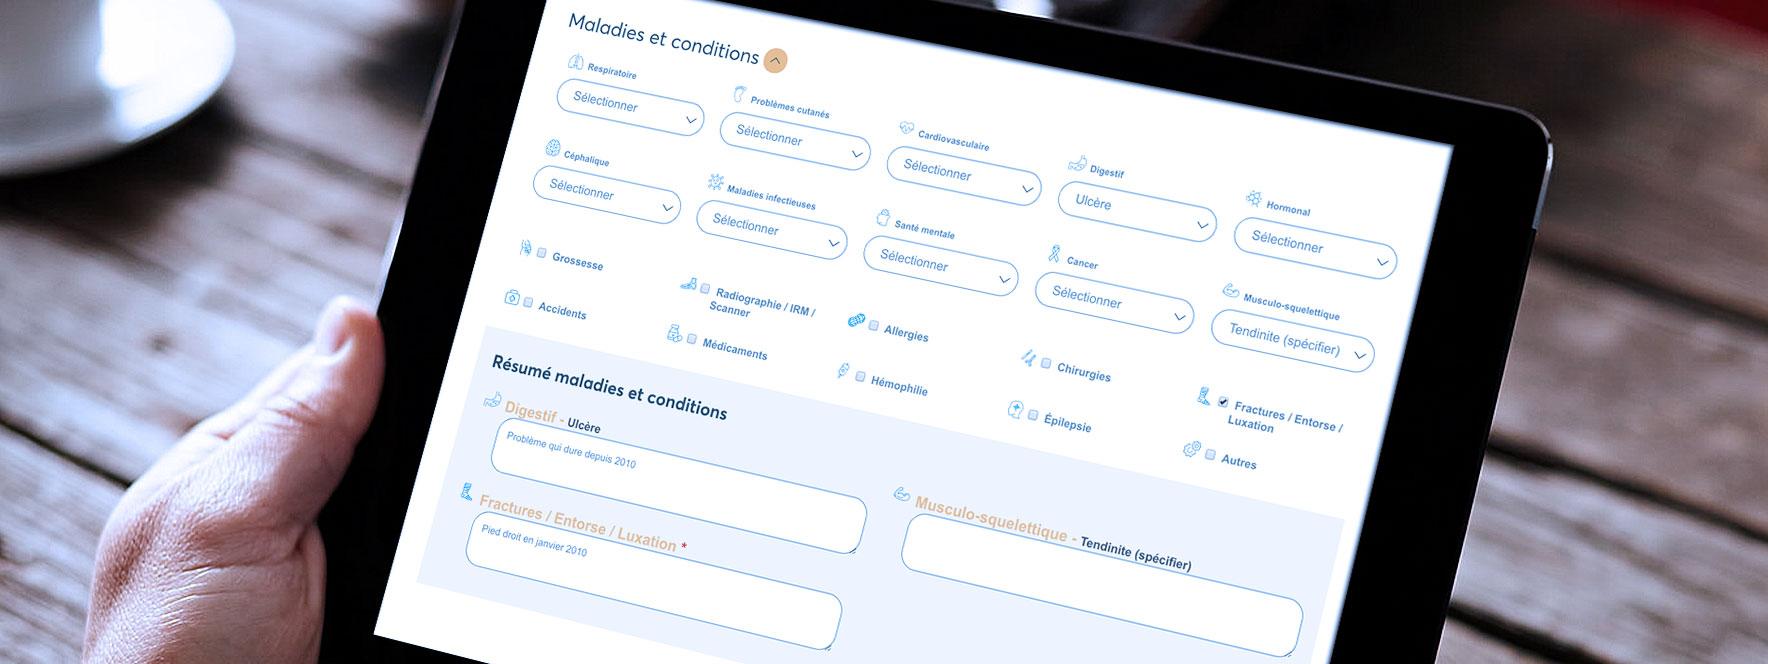 Conditions de santé à considérer - Blogue du Réseau